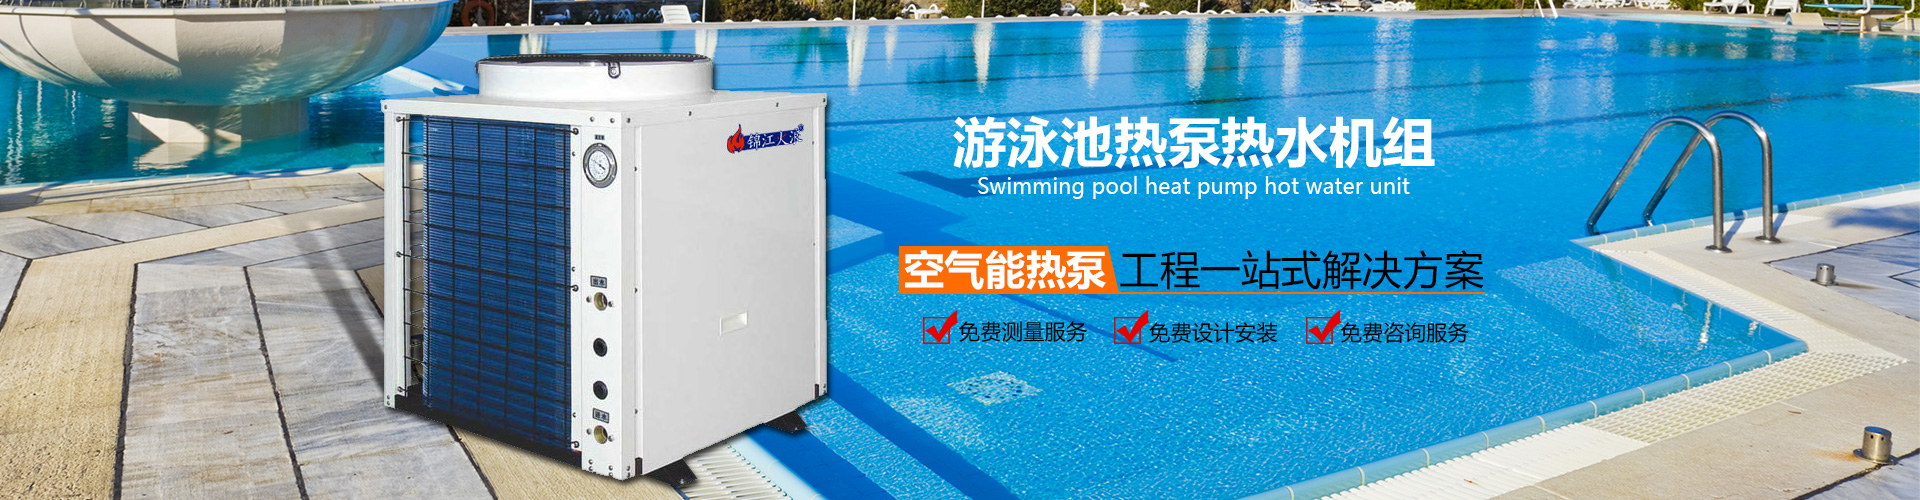 游泳池热泵热水机组